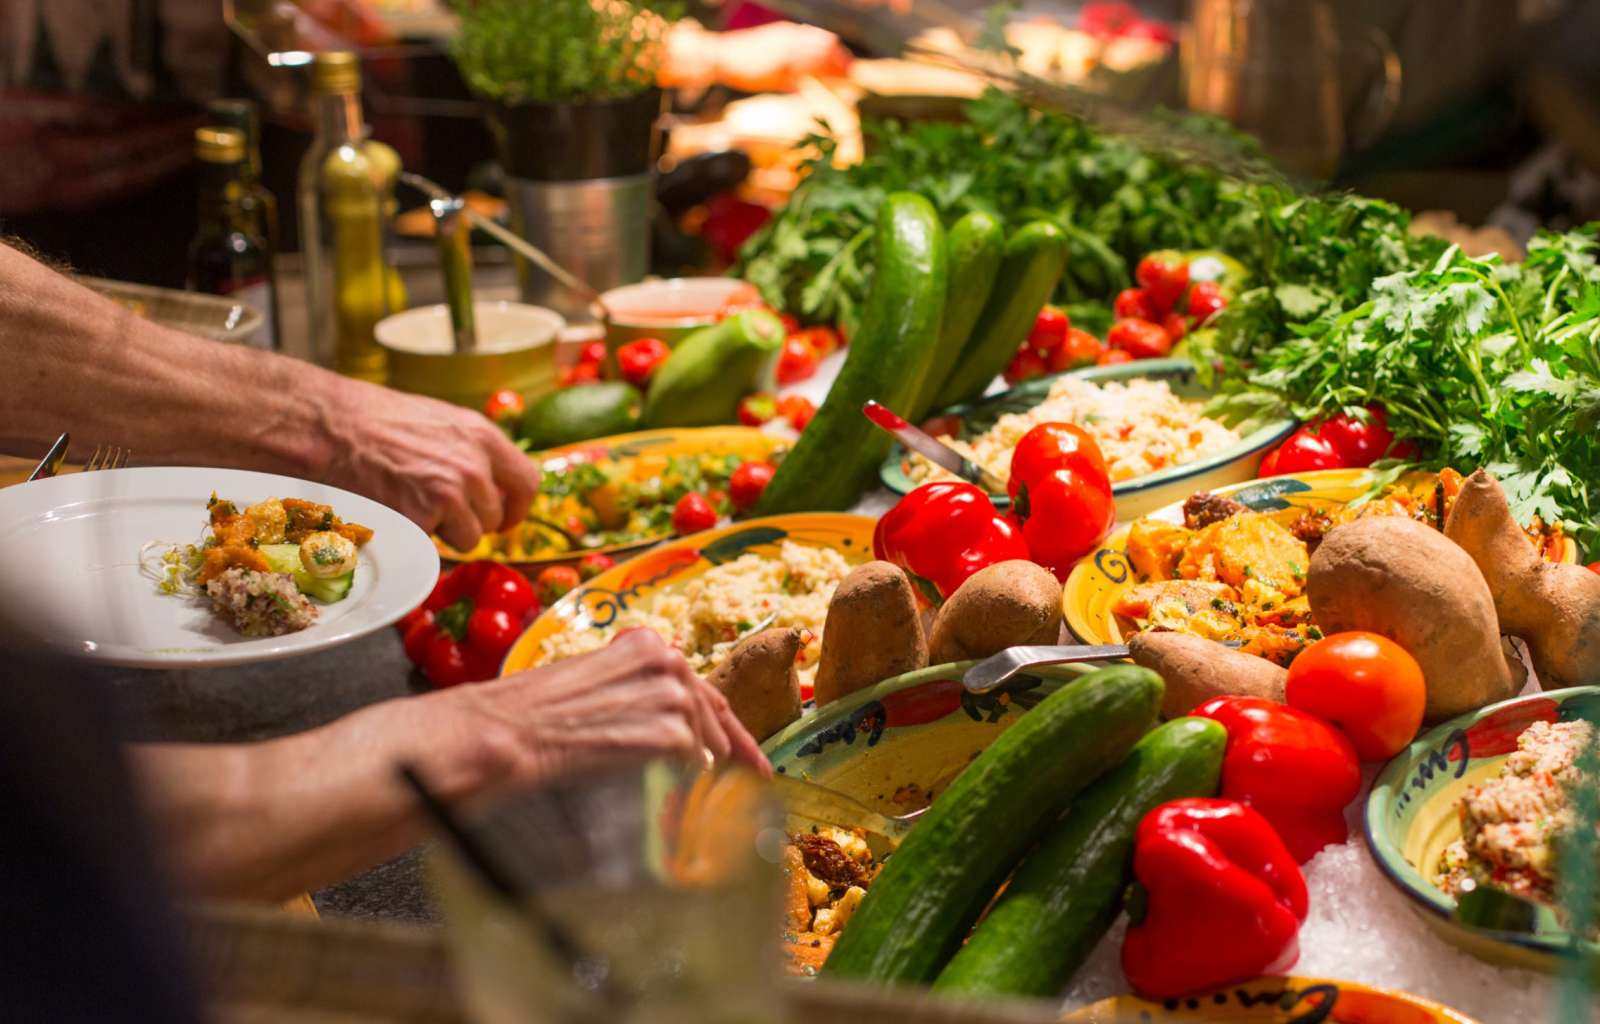 Salat- und Gemüse-Buffet